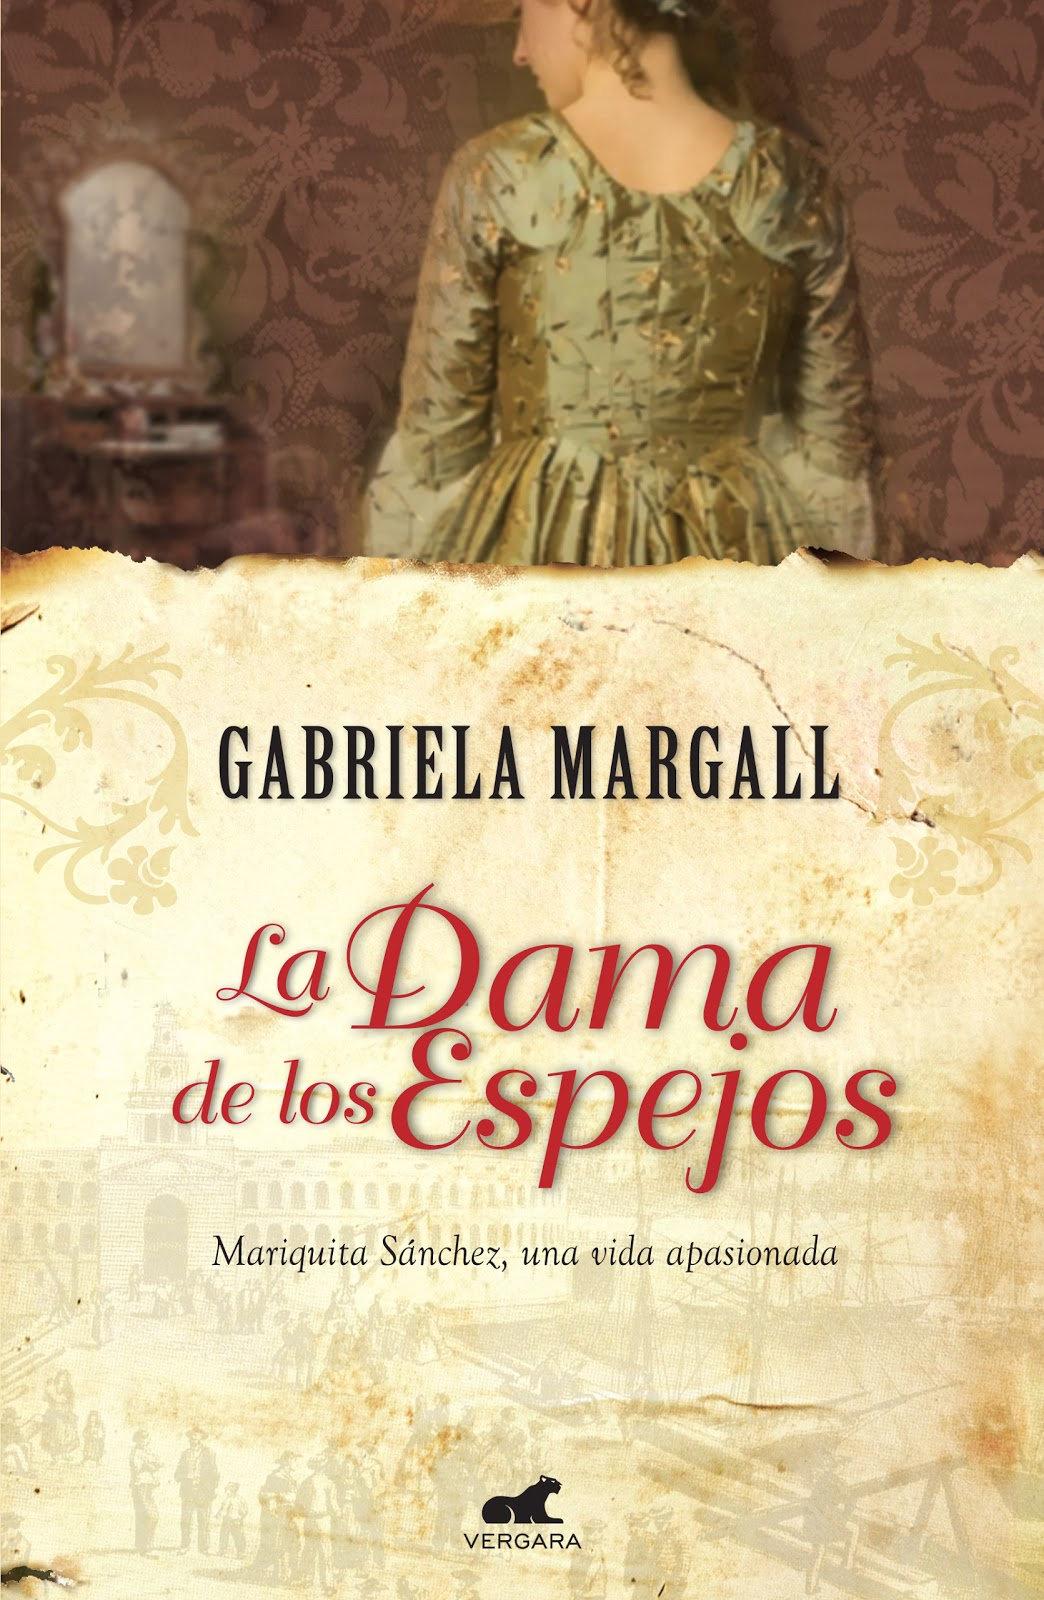 La dama de los espejos / Gabriela Margall